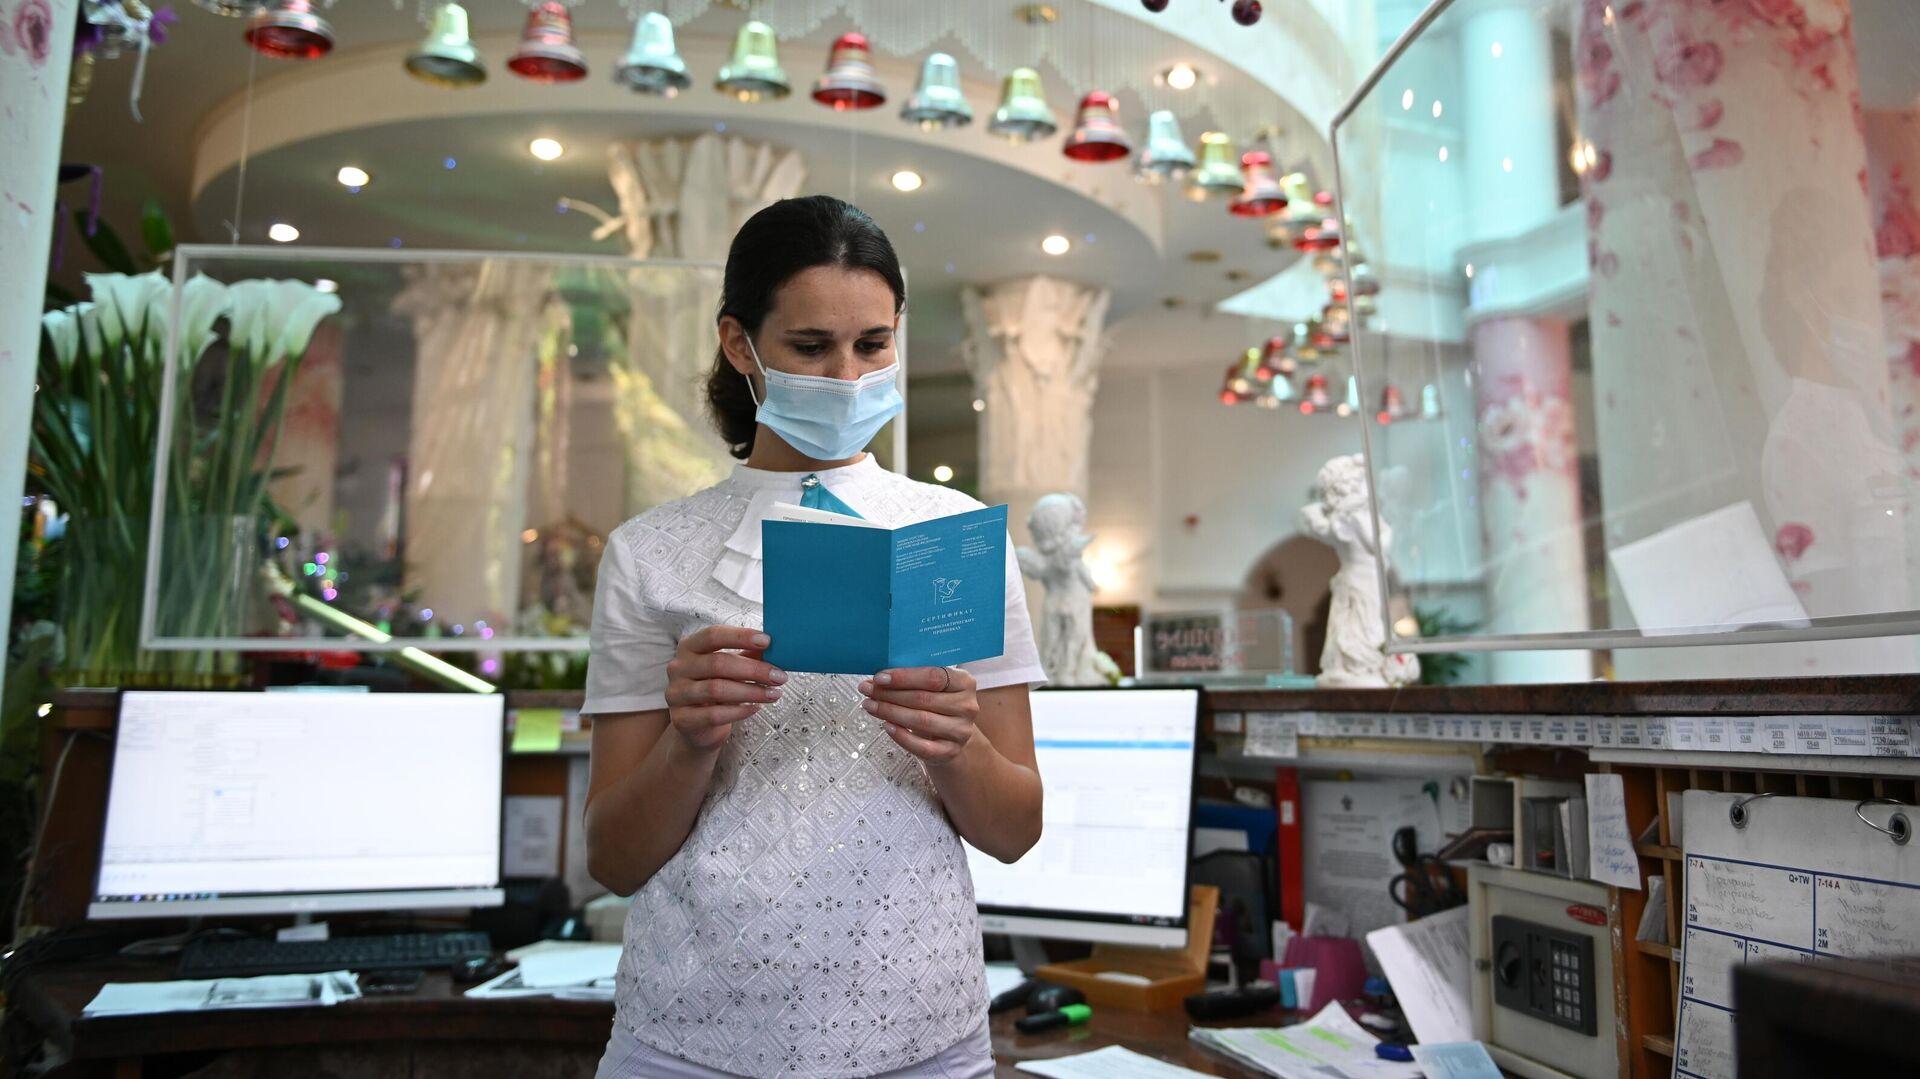 Сотрудница санатория проверяет сертификат о вакцинации от CoVID-19 у гостьи - РИА Новости, 1920, 02.08.2021